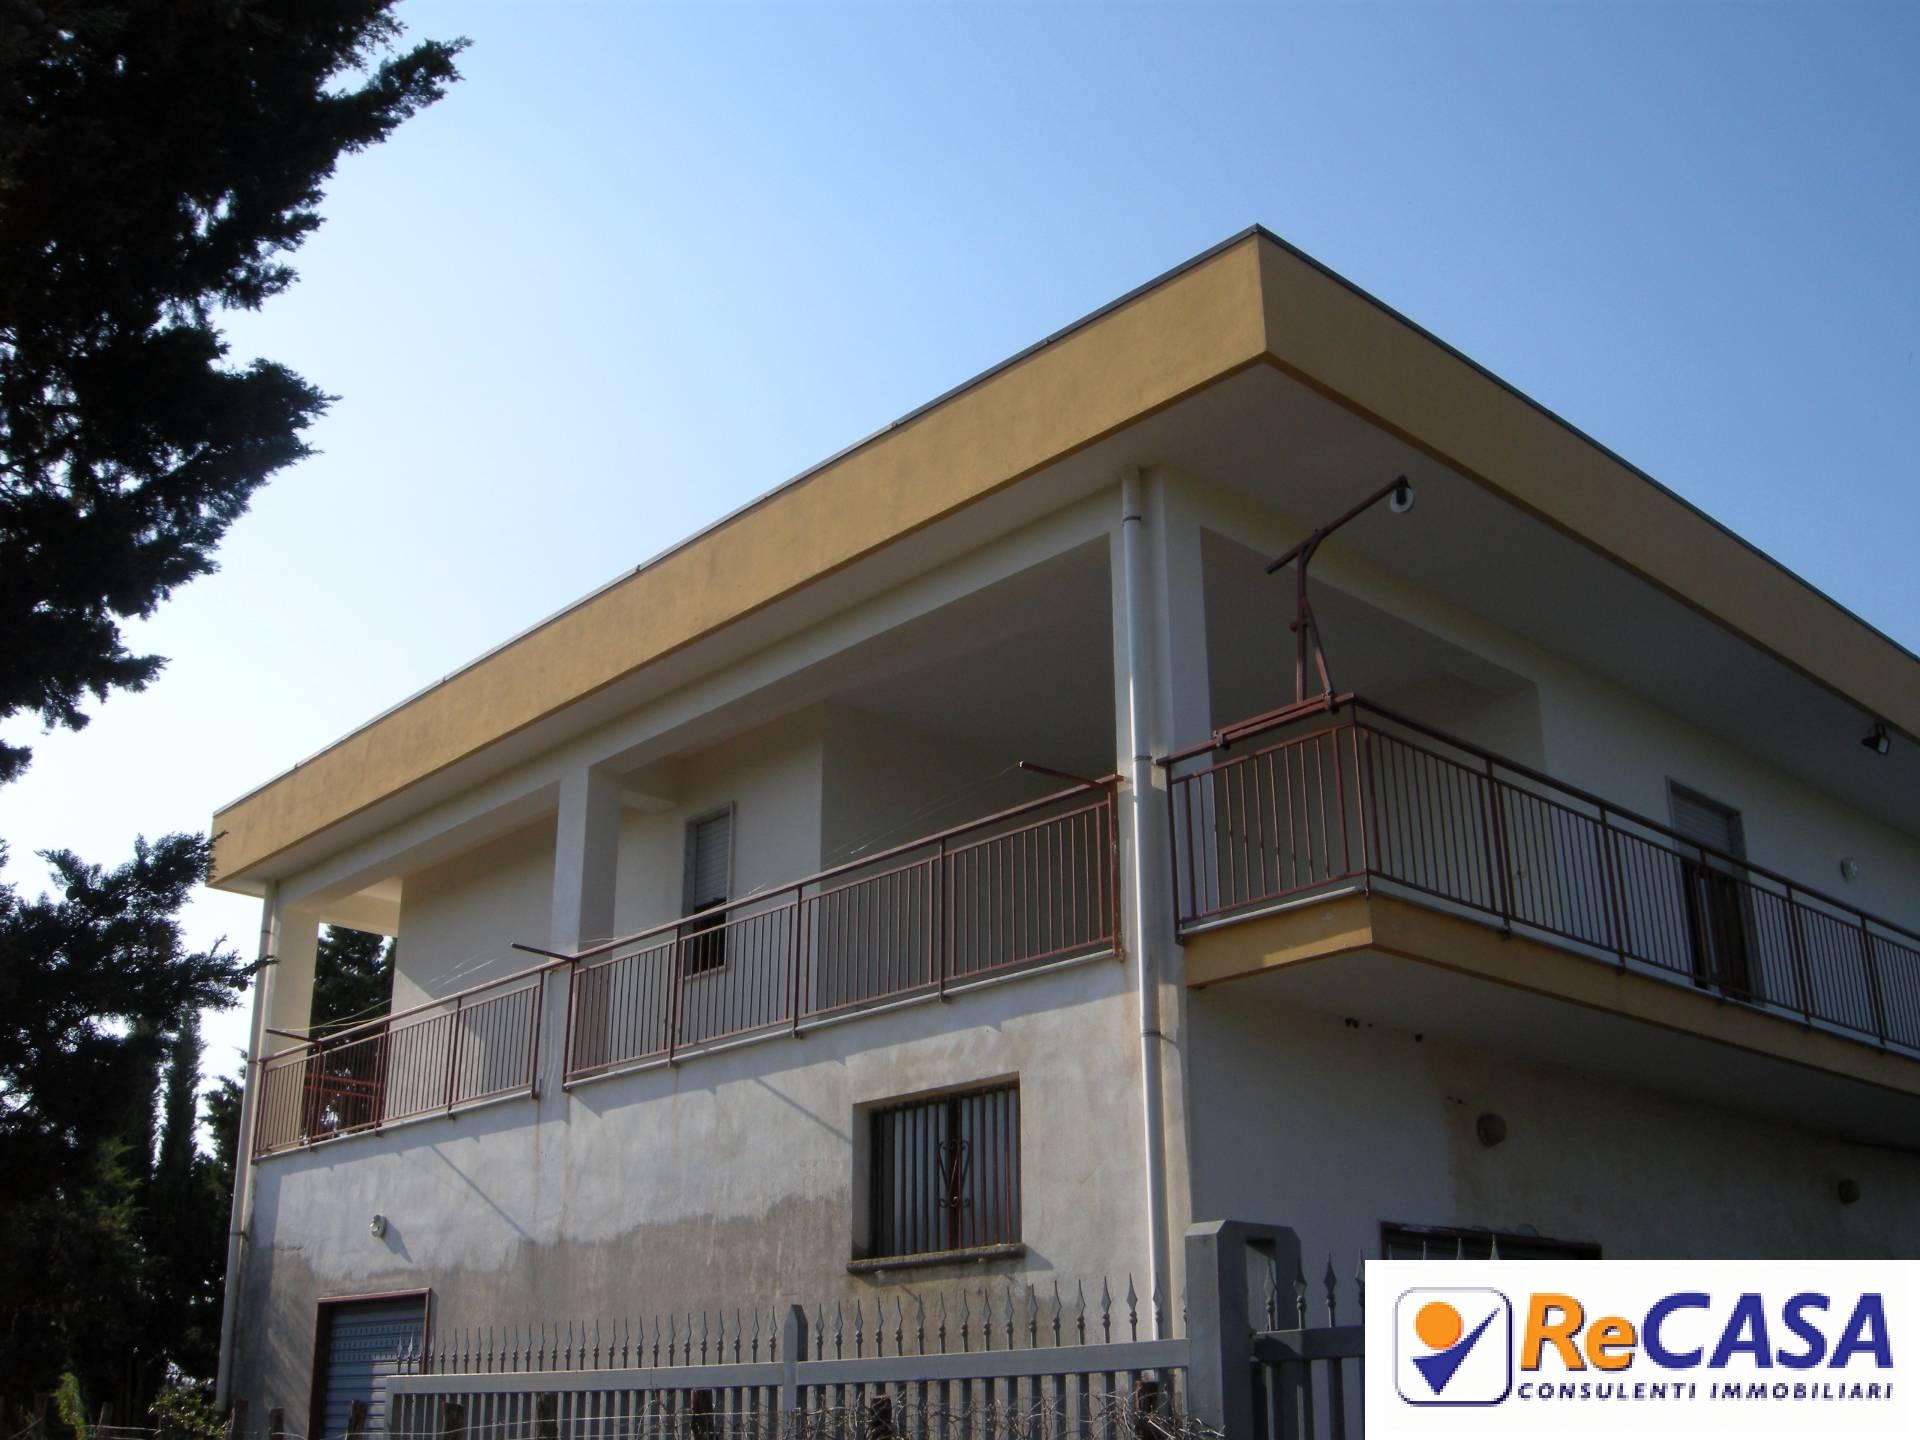 Appartamento in affitto a Bellizzi, 3 locali, zona Località: Viaindustrie-Commercio, prezzo € 450 | CambioCasa.it